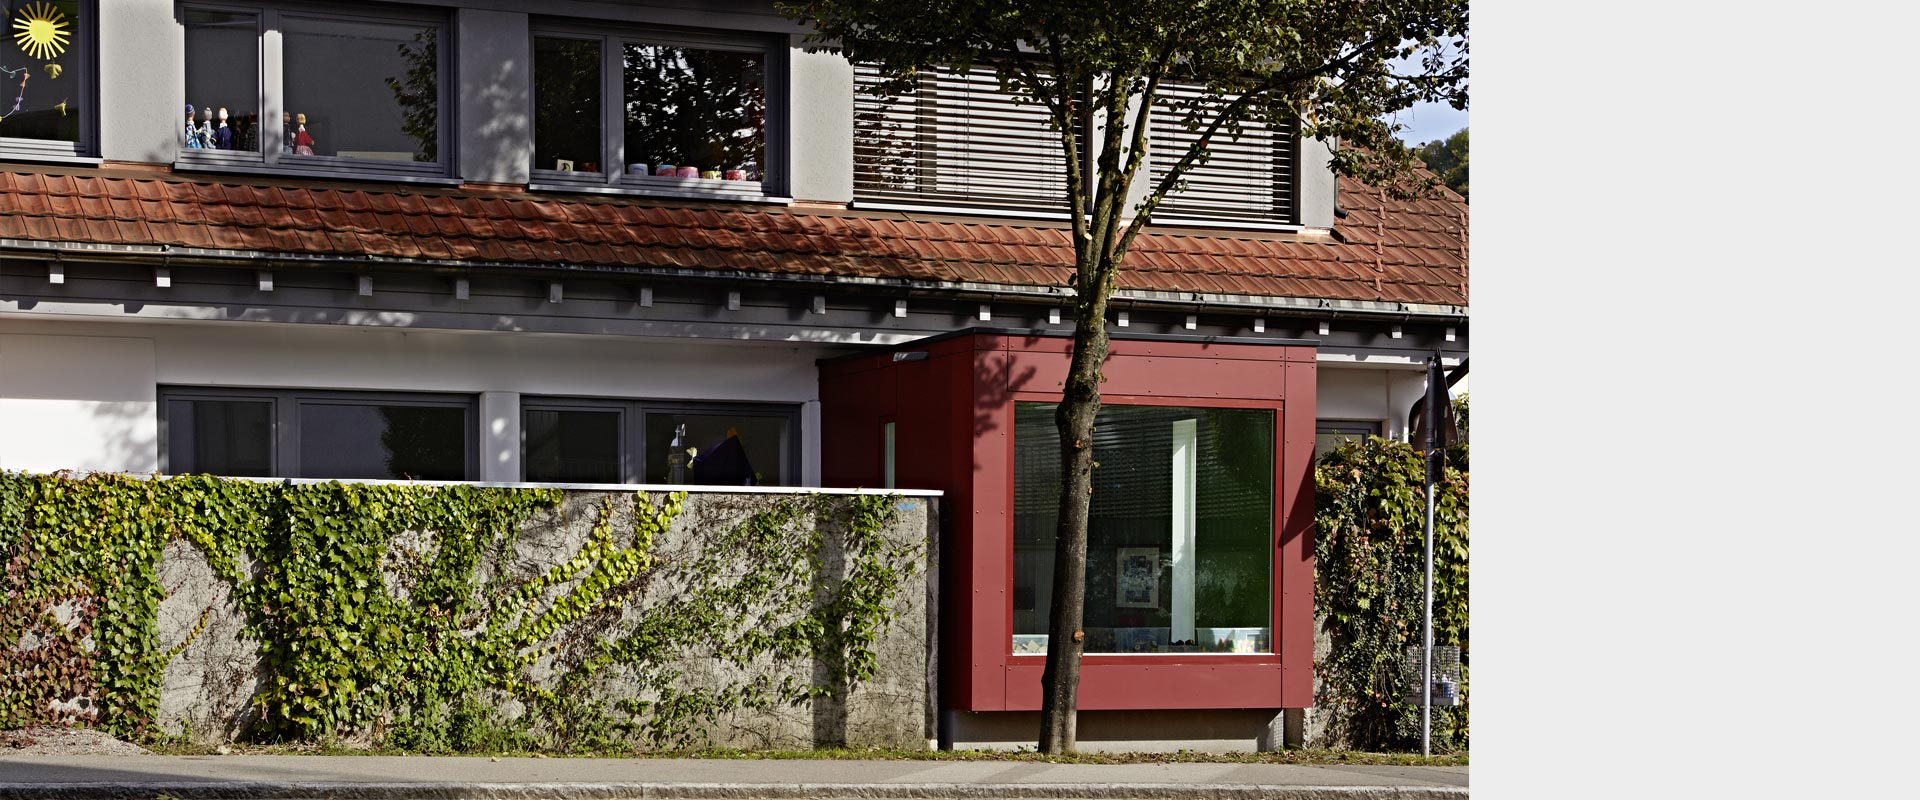 architekturbuero_henning_musahl_kindergarten13